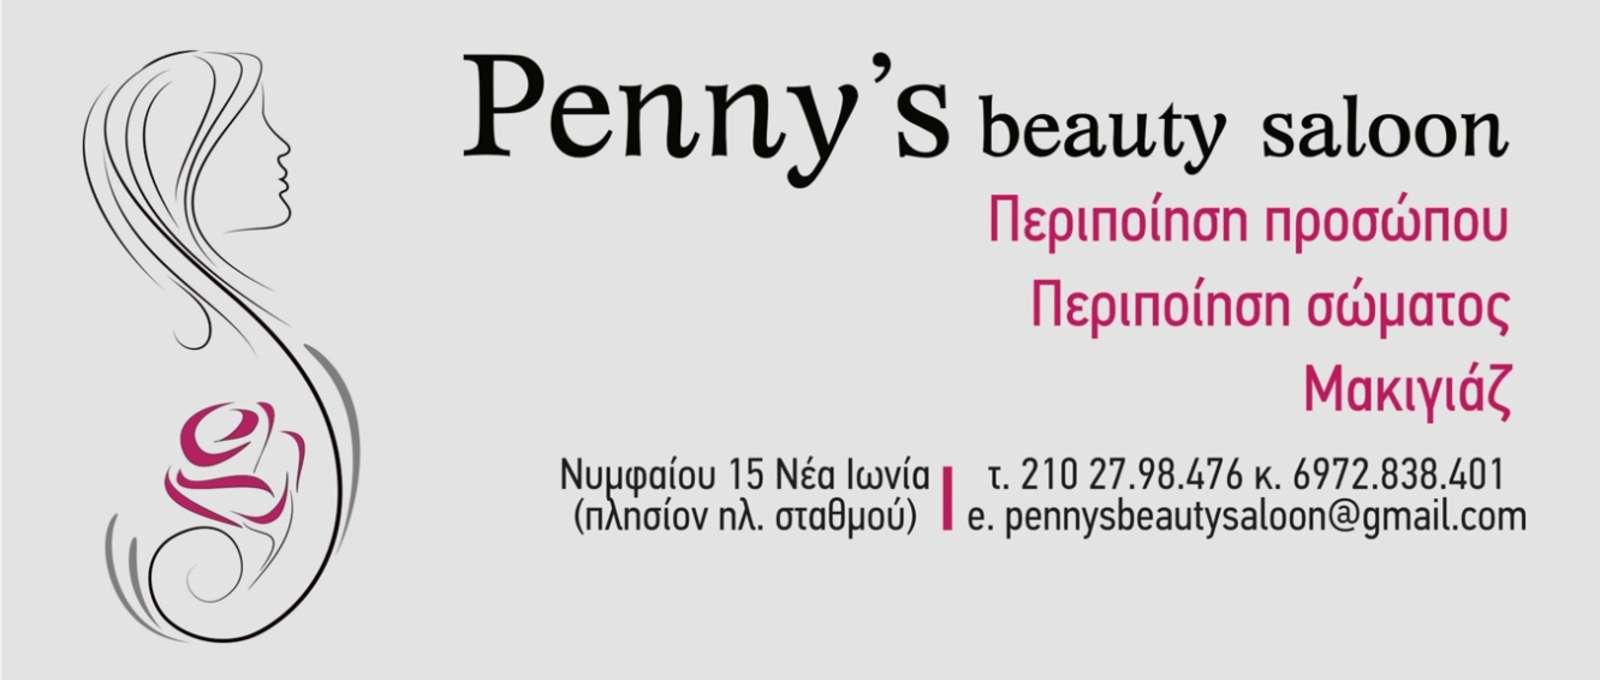 Penny's beauty saloon